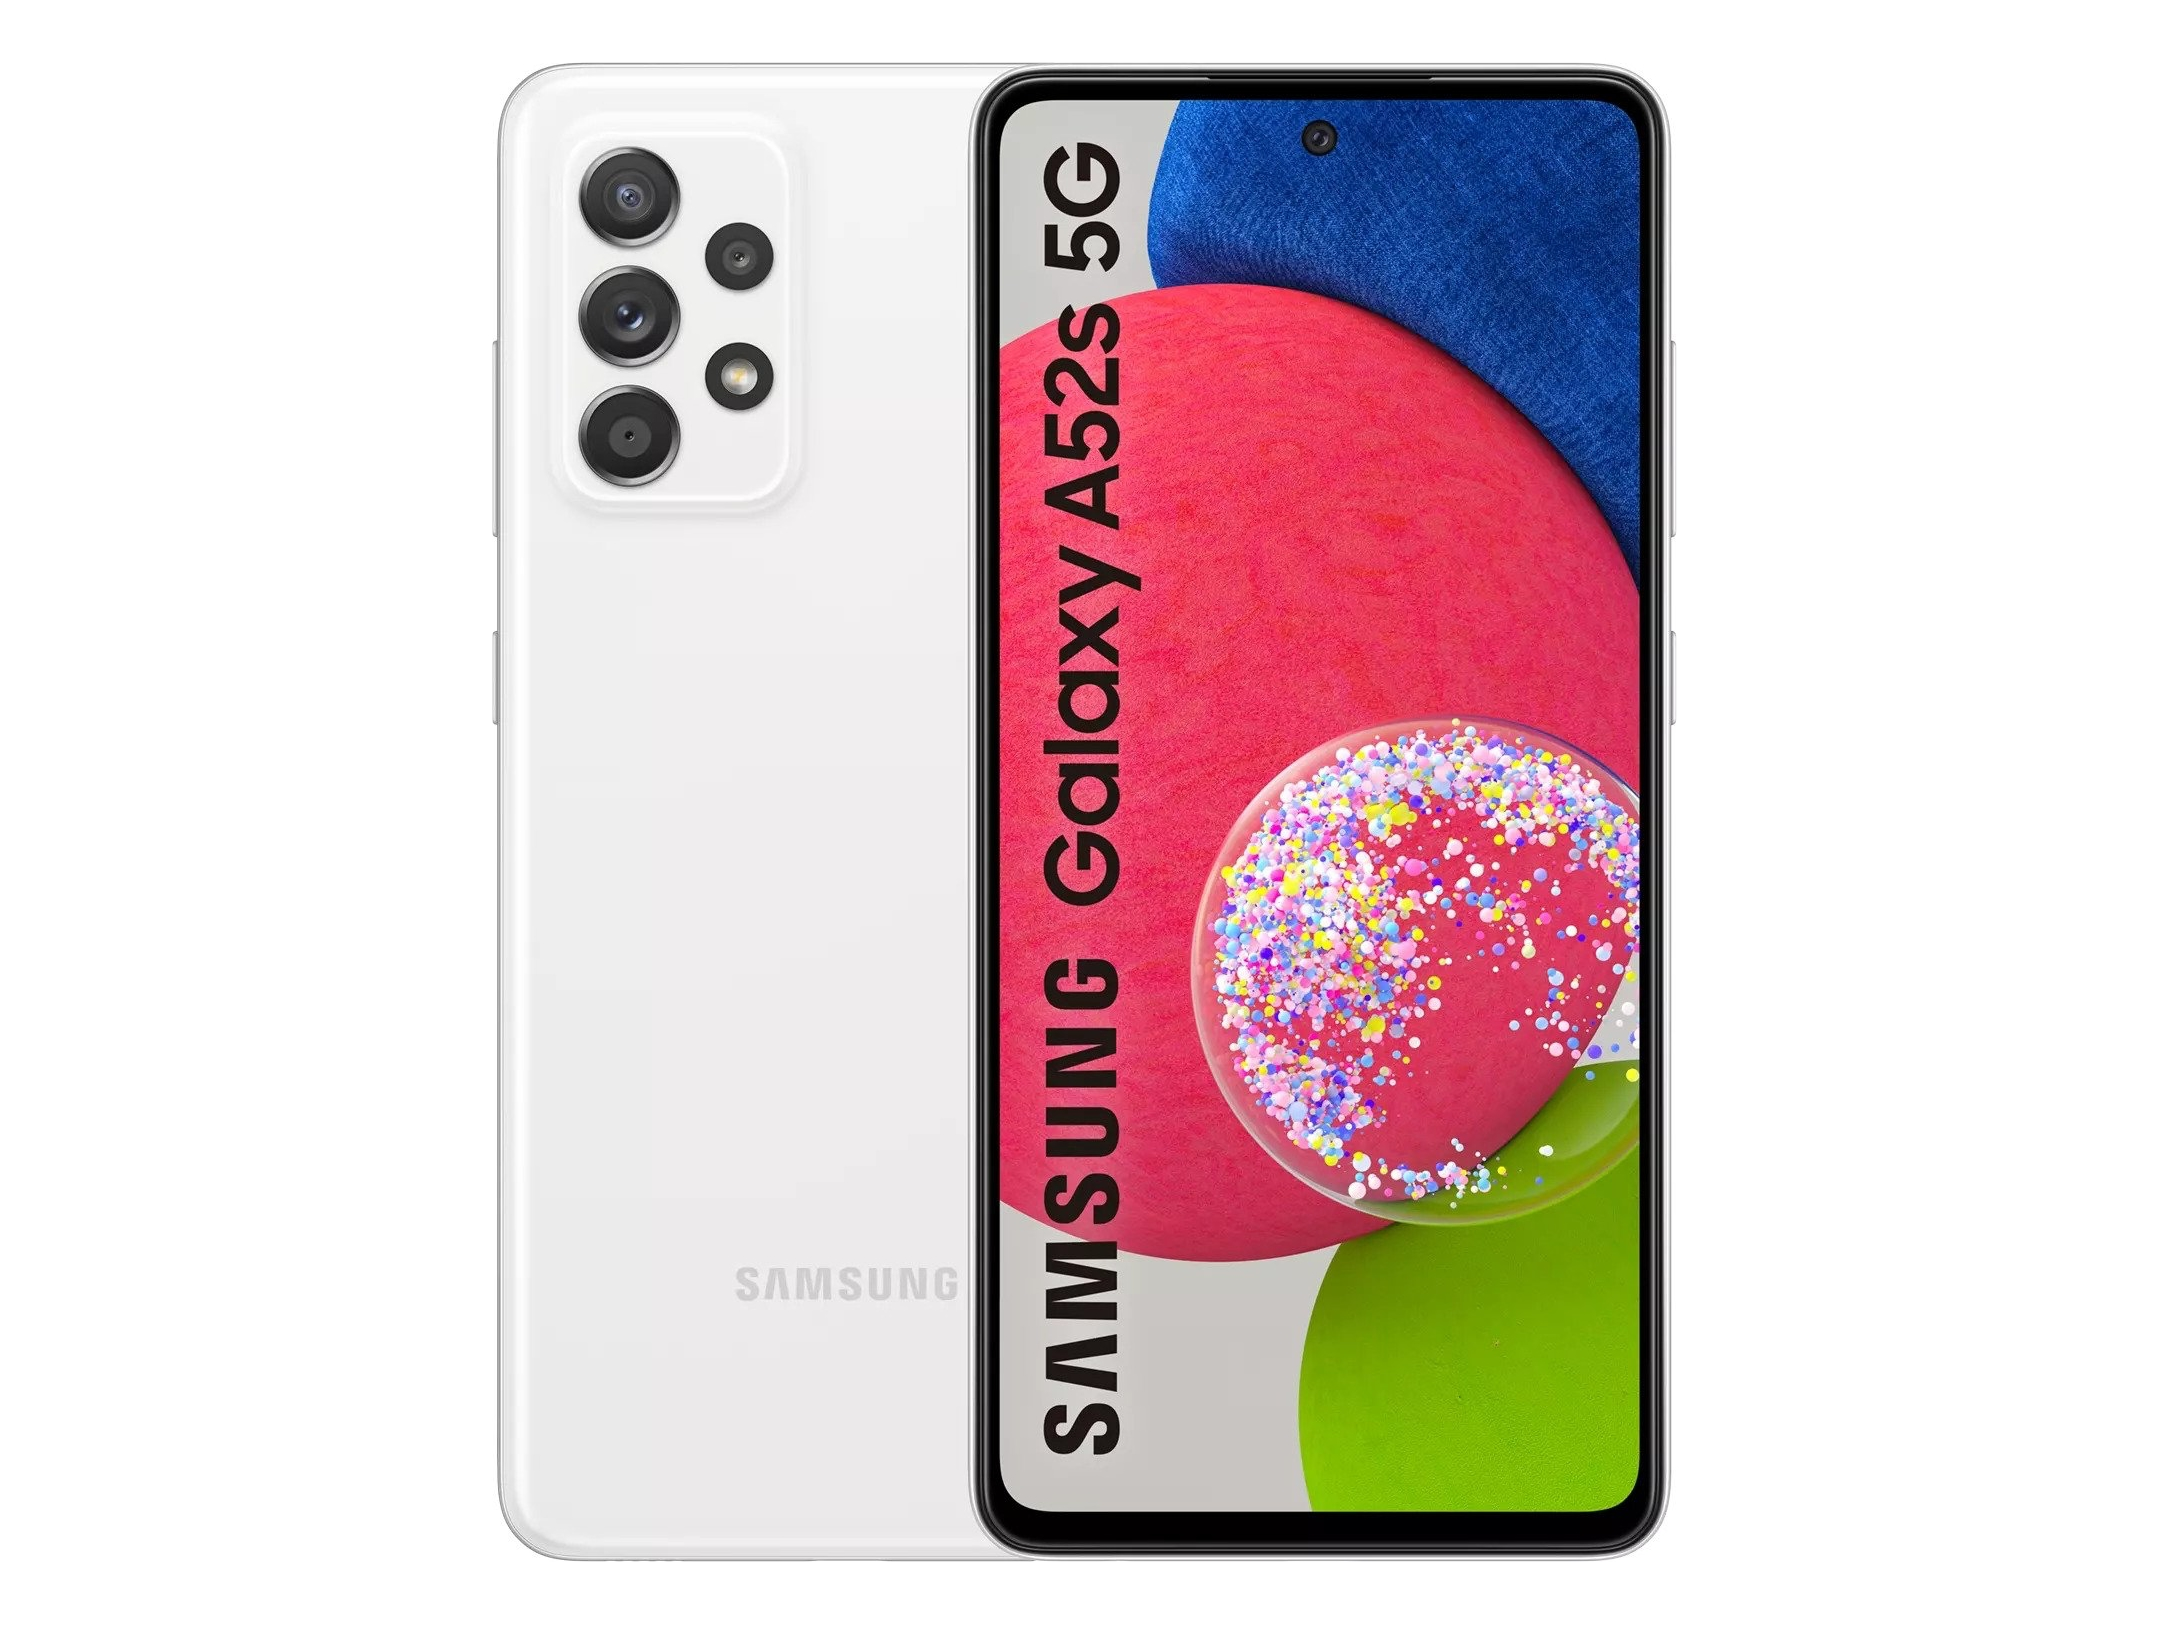 В сеть слили подробные характеристики, ценник и качественные изображения смартфона Samsung Galaxy A52s